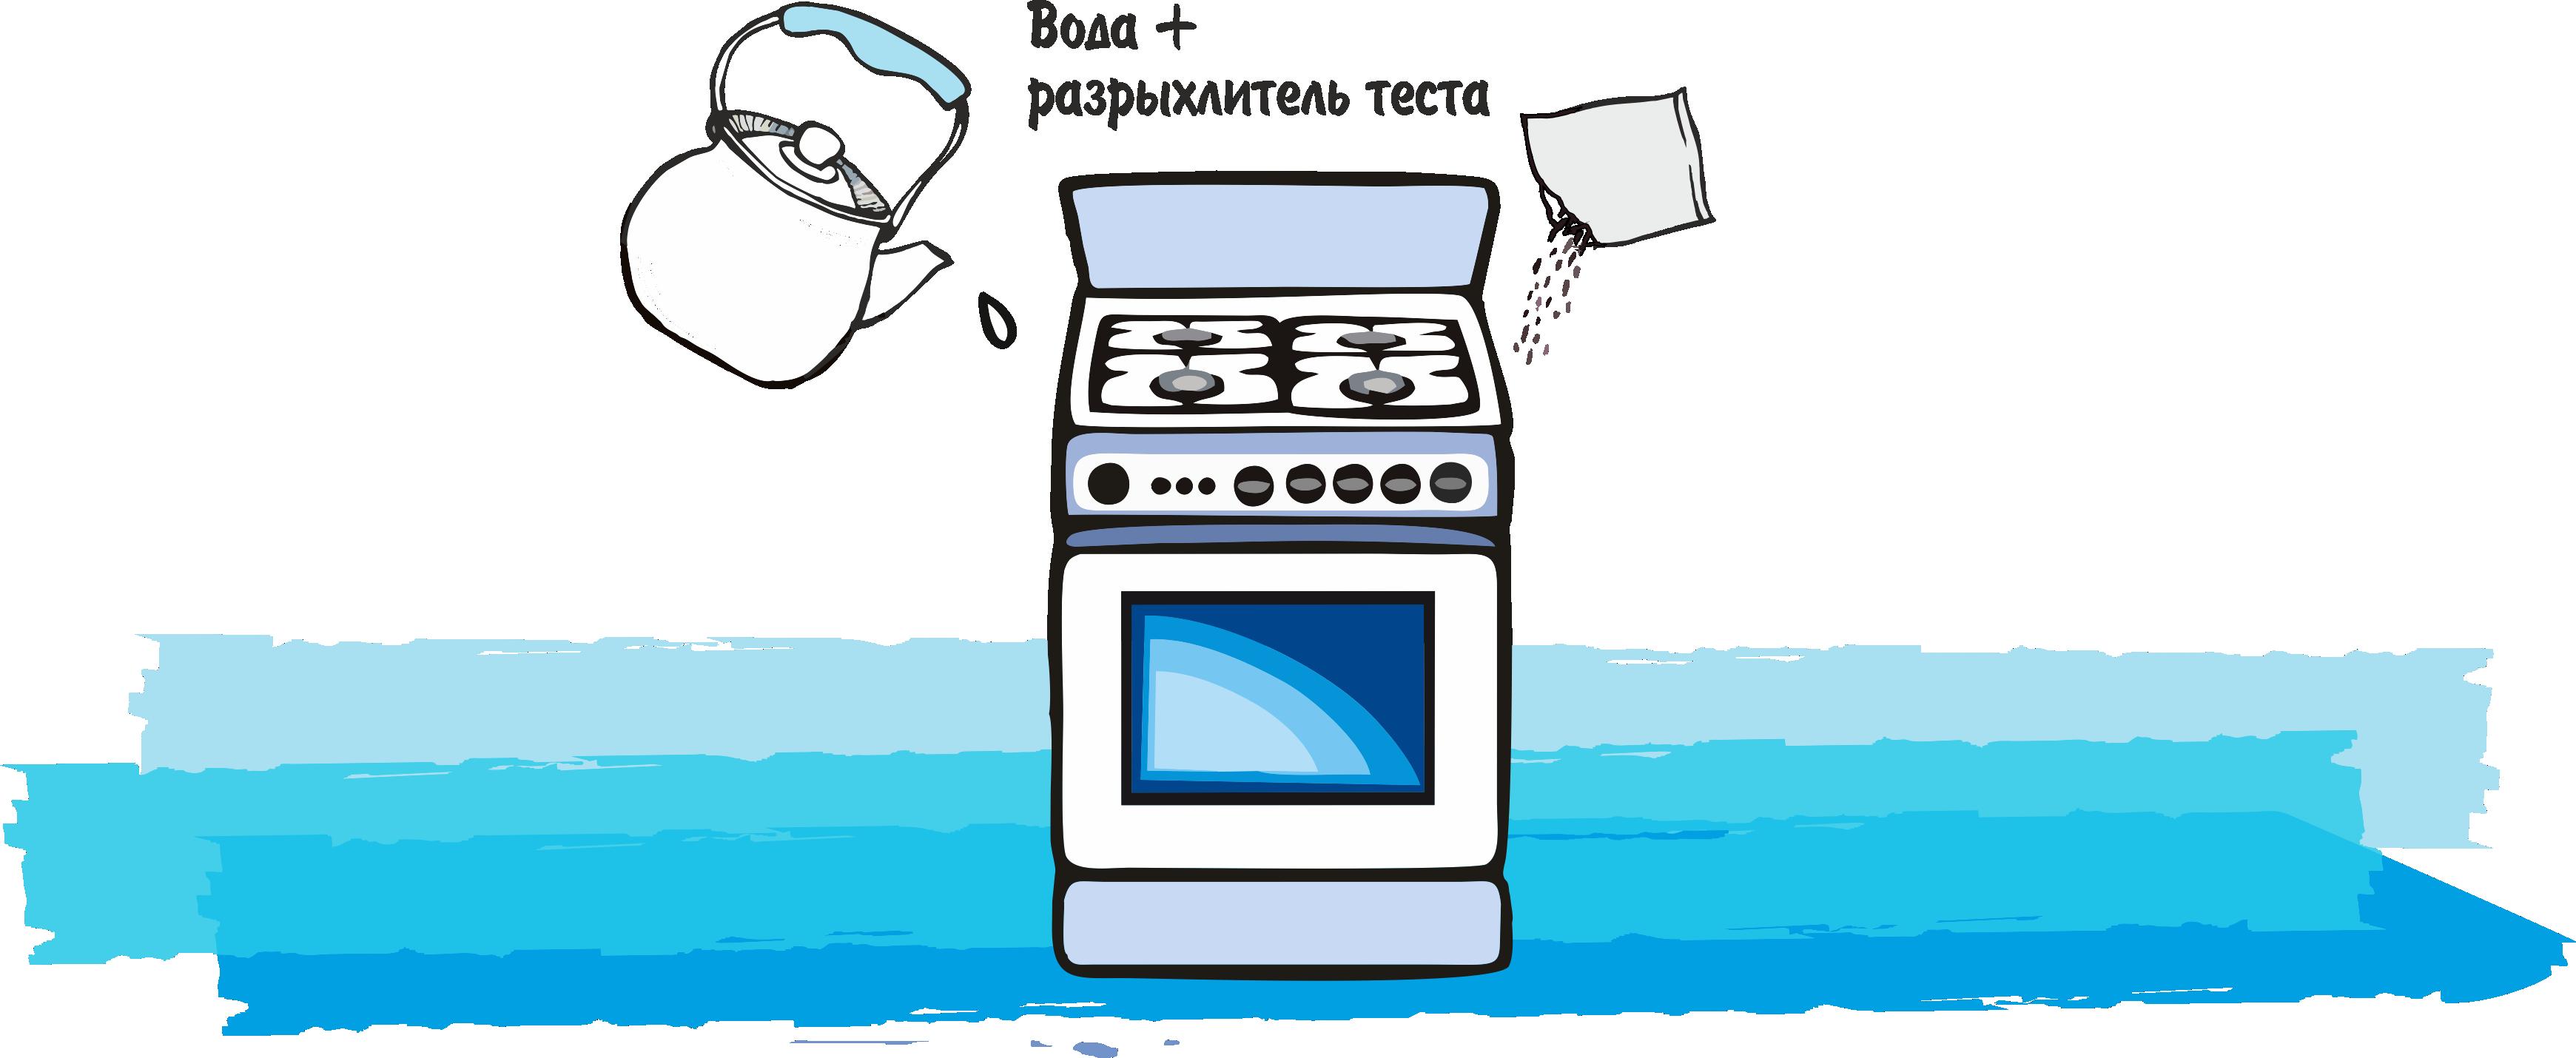 Способы очистки духовки 16